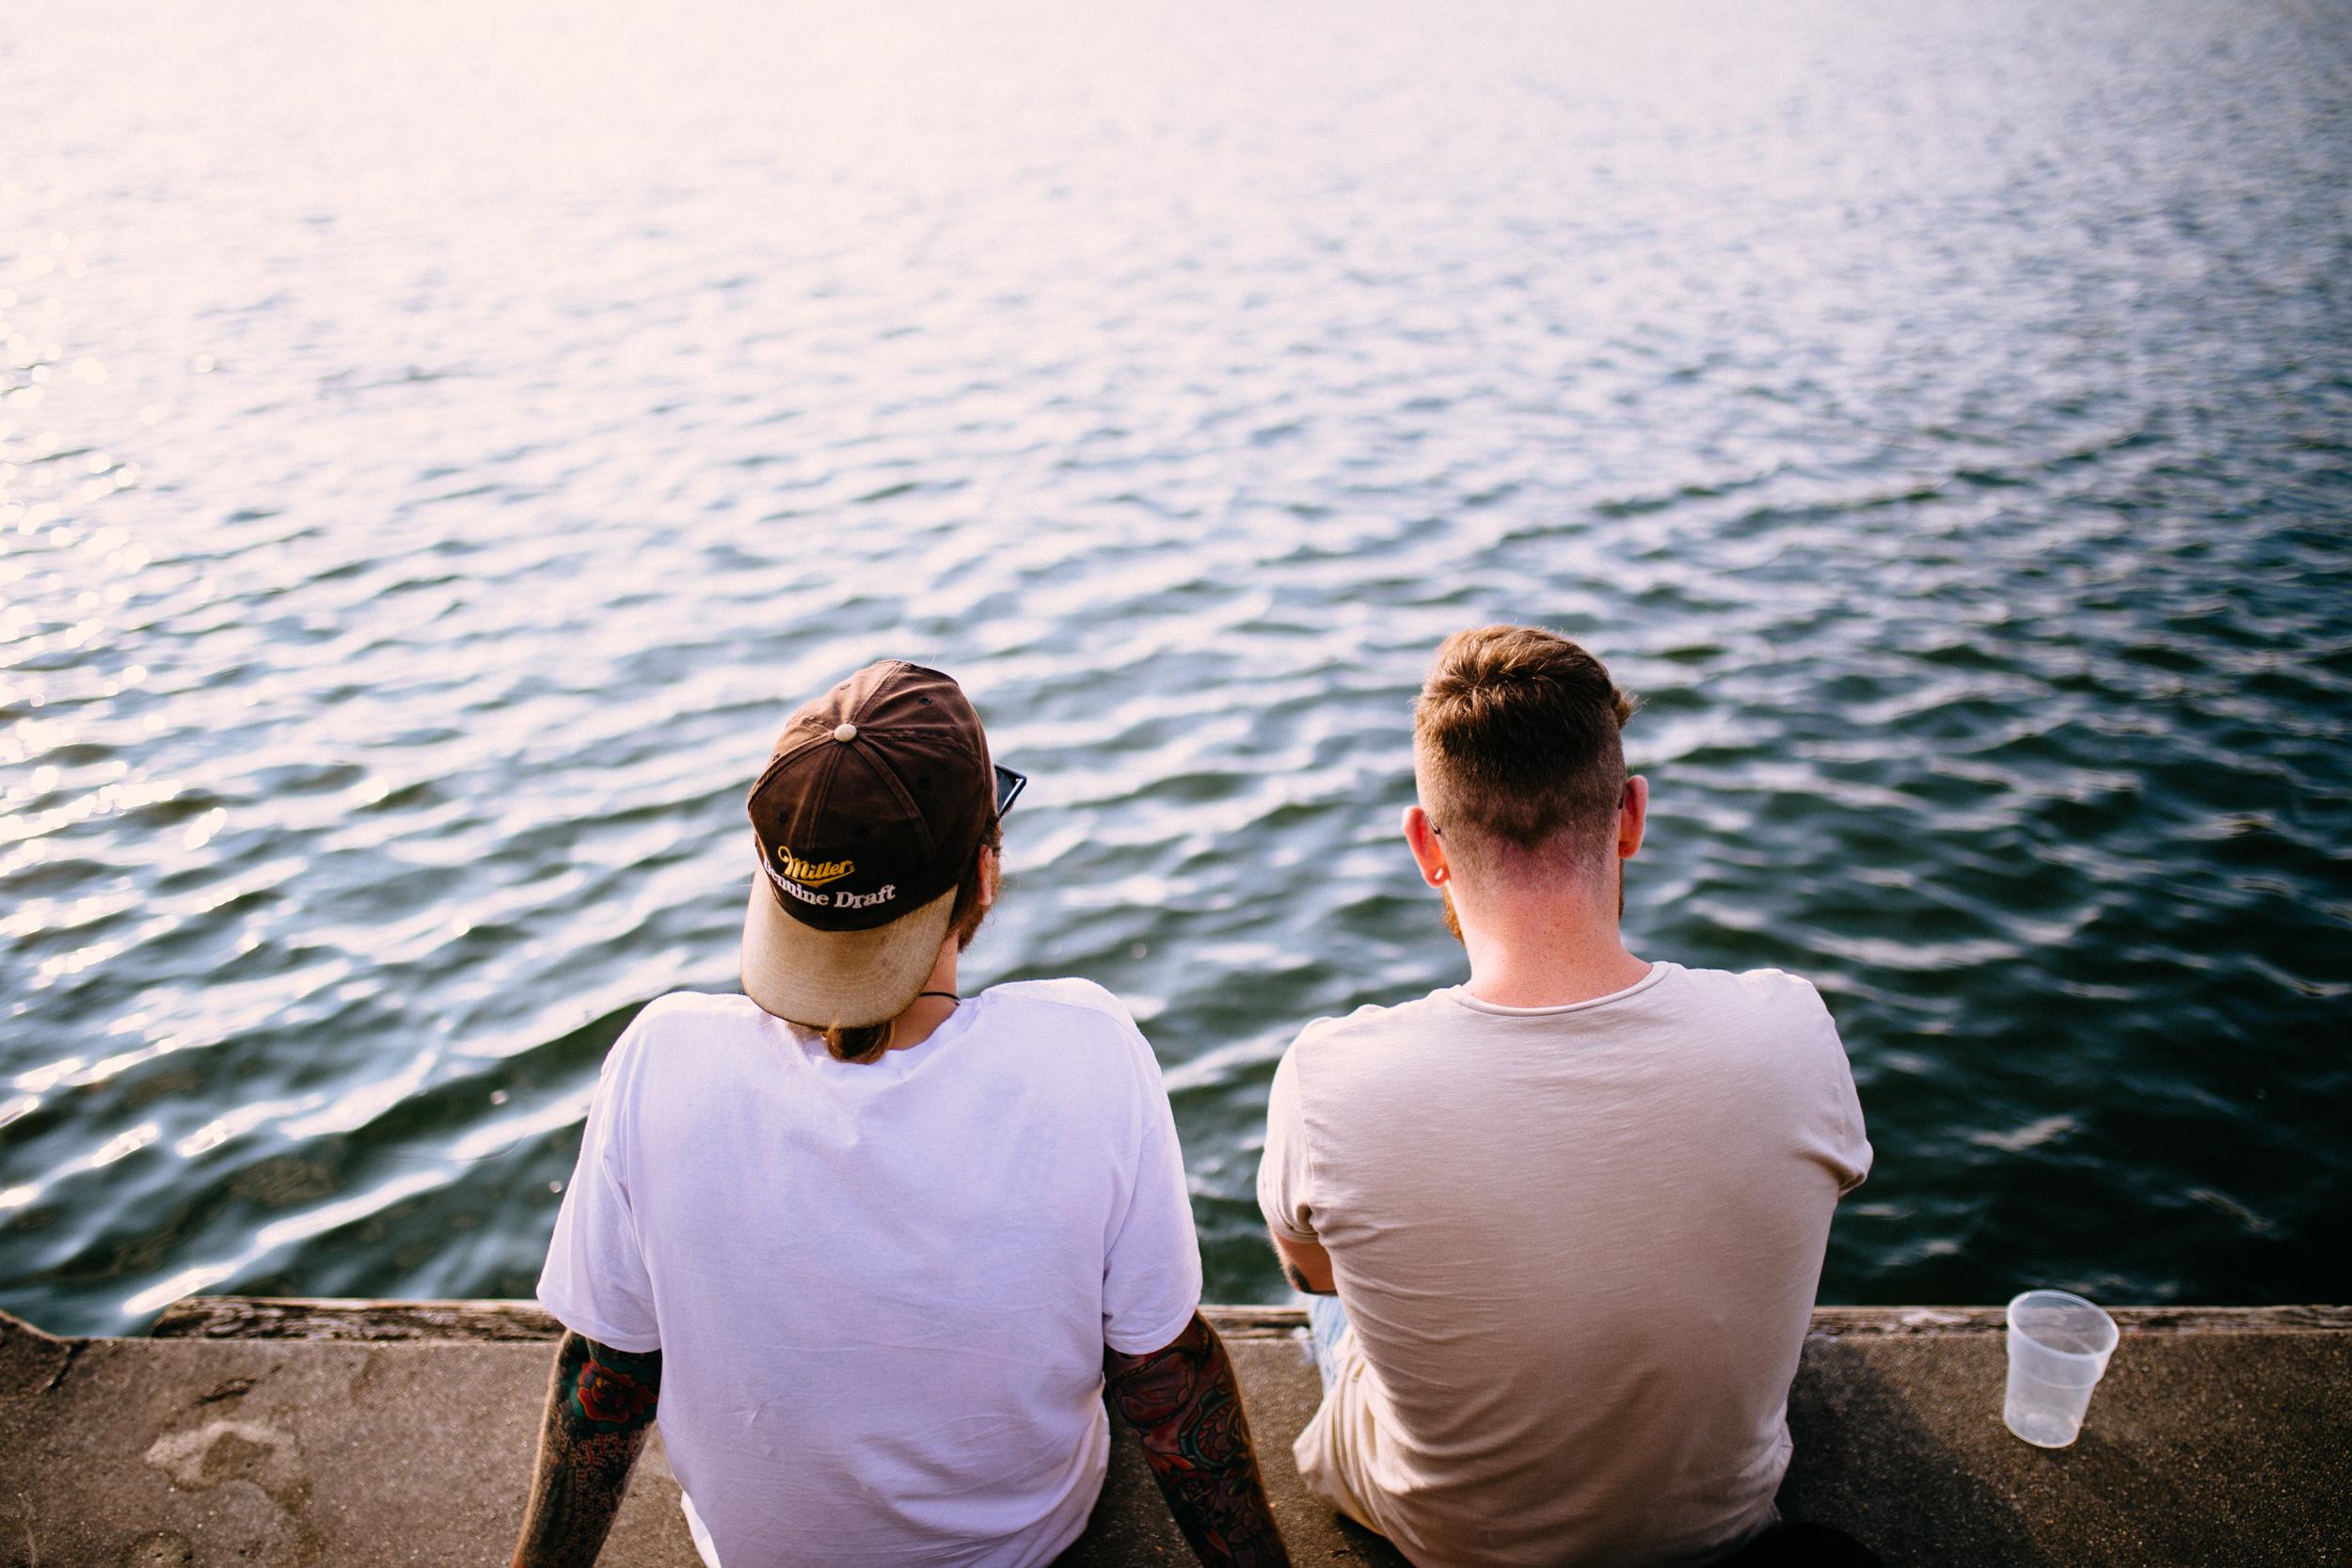 About Friendish -